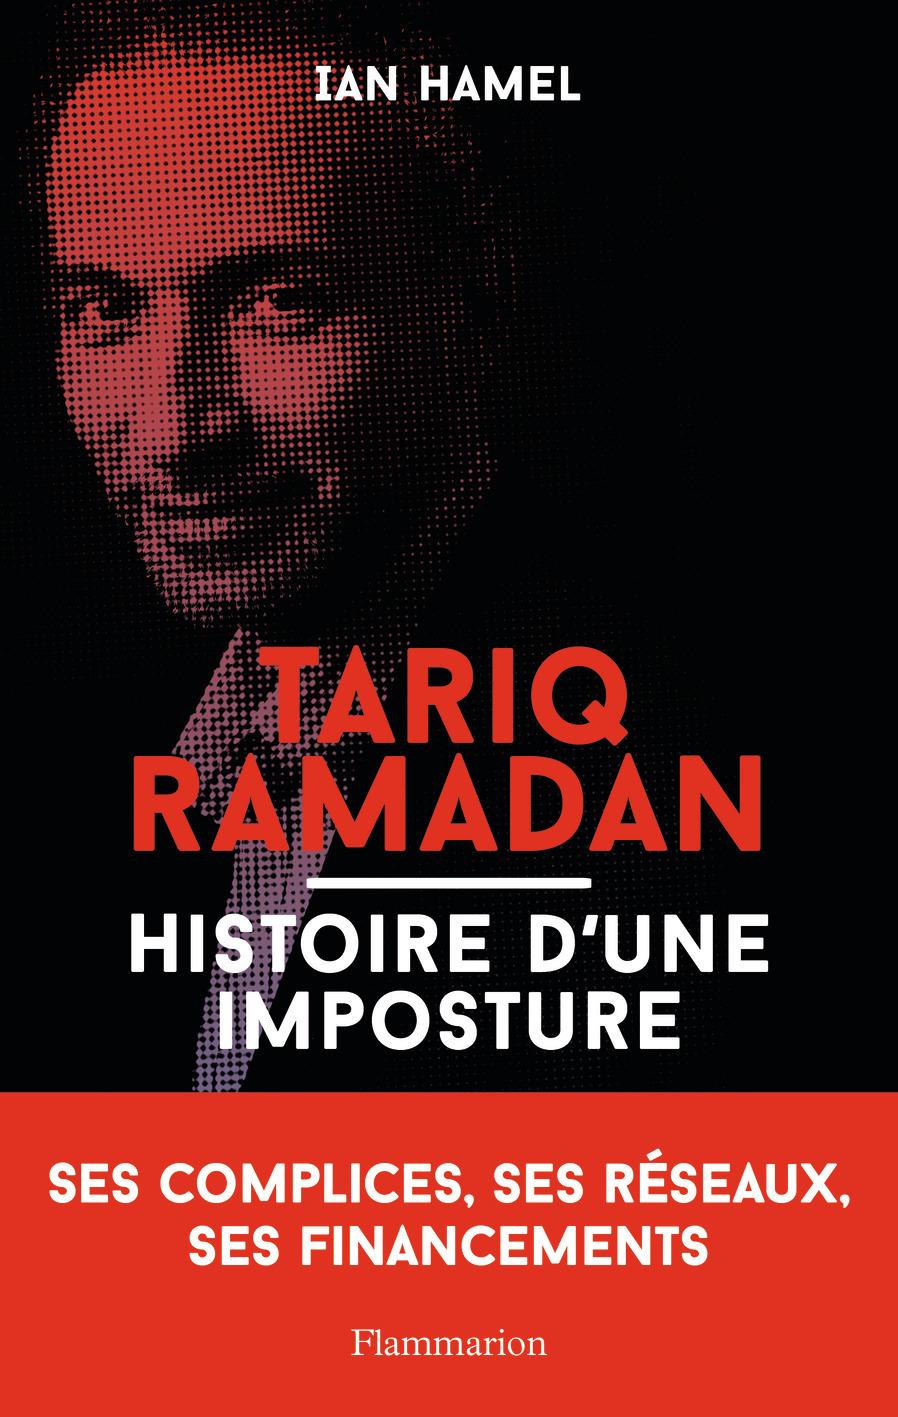 TARIQ RAMADAN - HISTOIRE D'UNE IMPOSTURE